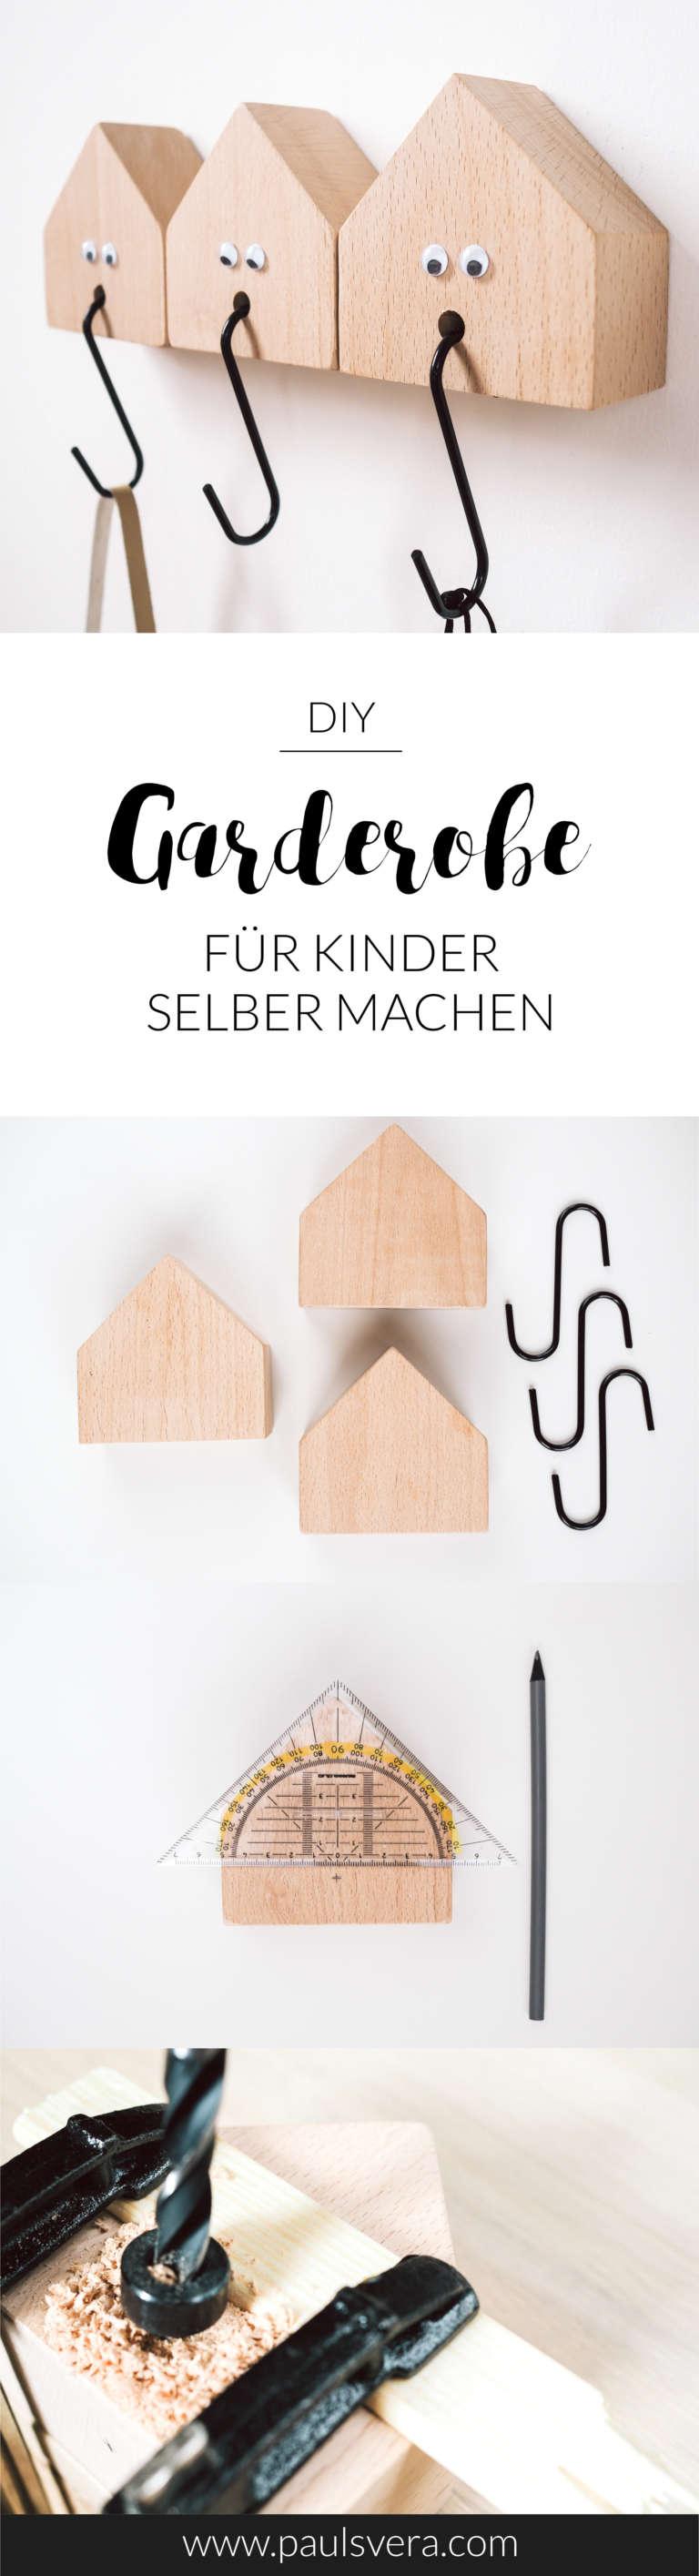 Anleitung Diy Kindergarderobe Selber Machen Holzhauschen Deko Holzhaus Niedlich Suss Kreative Kinderzimmer Ideen Paulsvera 2